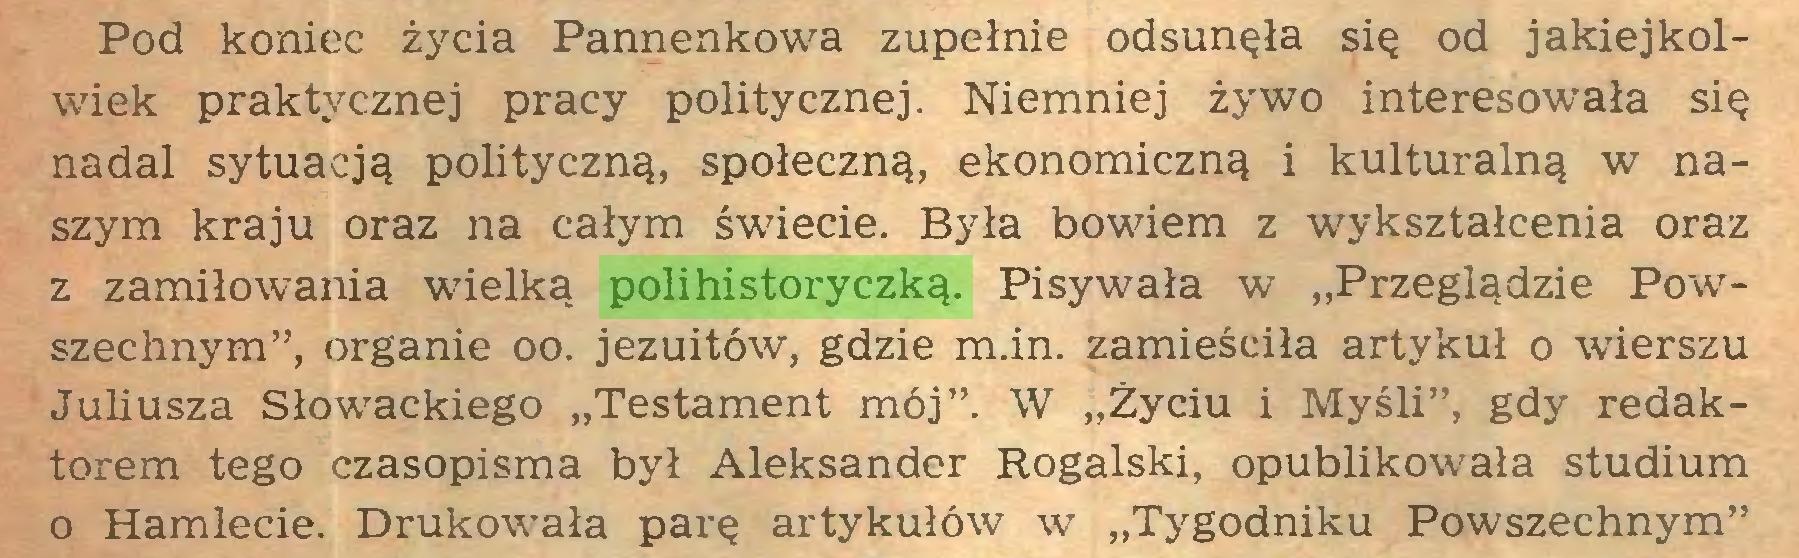 """(...) Pod koniec życia Pannenkowa zupełnie odsunęła się od jakiejkolwiek praktycznej pracy politycznej. Niemniej żywo interesowała się nadal sytuacją polityczną, społeczną, ekonomiczną i kulturalną w naszym kraju oraz na całym świecie. Była bowiem z wykształcenia oraz z zamiłowania wielką polihistoryczką. Pisywała w """"Przeglądzie Powszechnym"""", organie oo. jezuitów, gdzie m.in. zamieściła artykuł o wierszu Juliusza Słowackiego """"Testament mój"""". W """"Życiu i Myśli"""", gdy redaktorem tego czasopisma był Aleksander Rogalski, opublikowała studium o Hamlecie. Drukowała parę artykułów w """"Tygodniku Powszechnym""""..."""